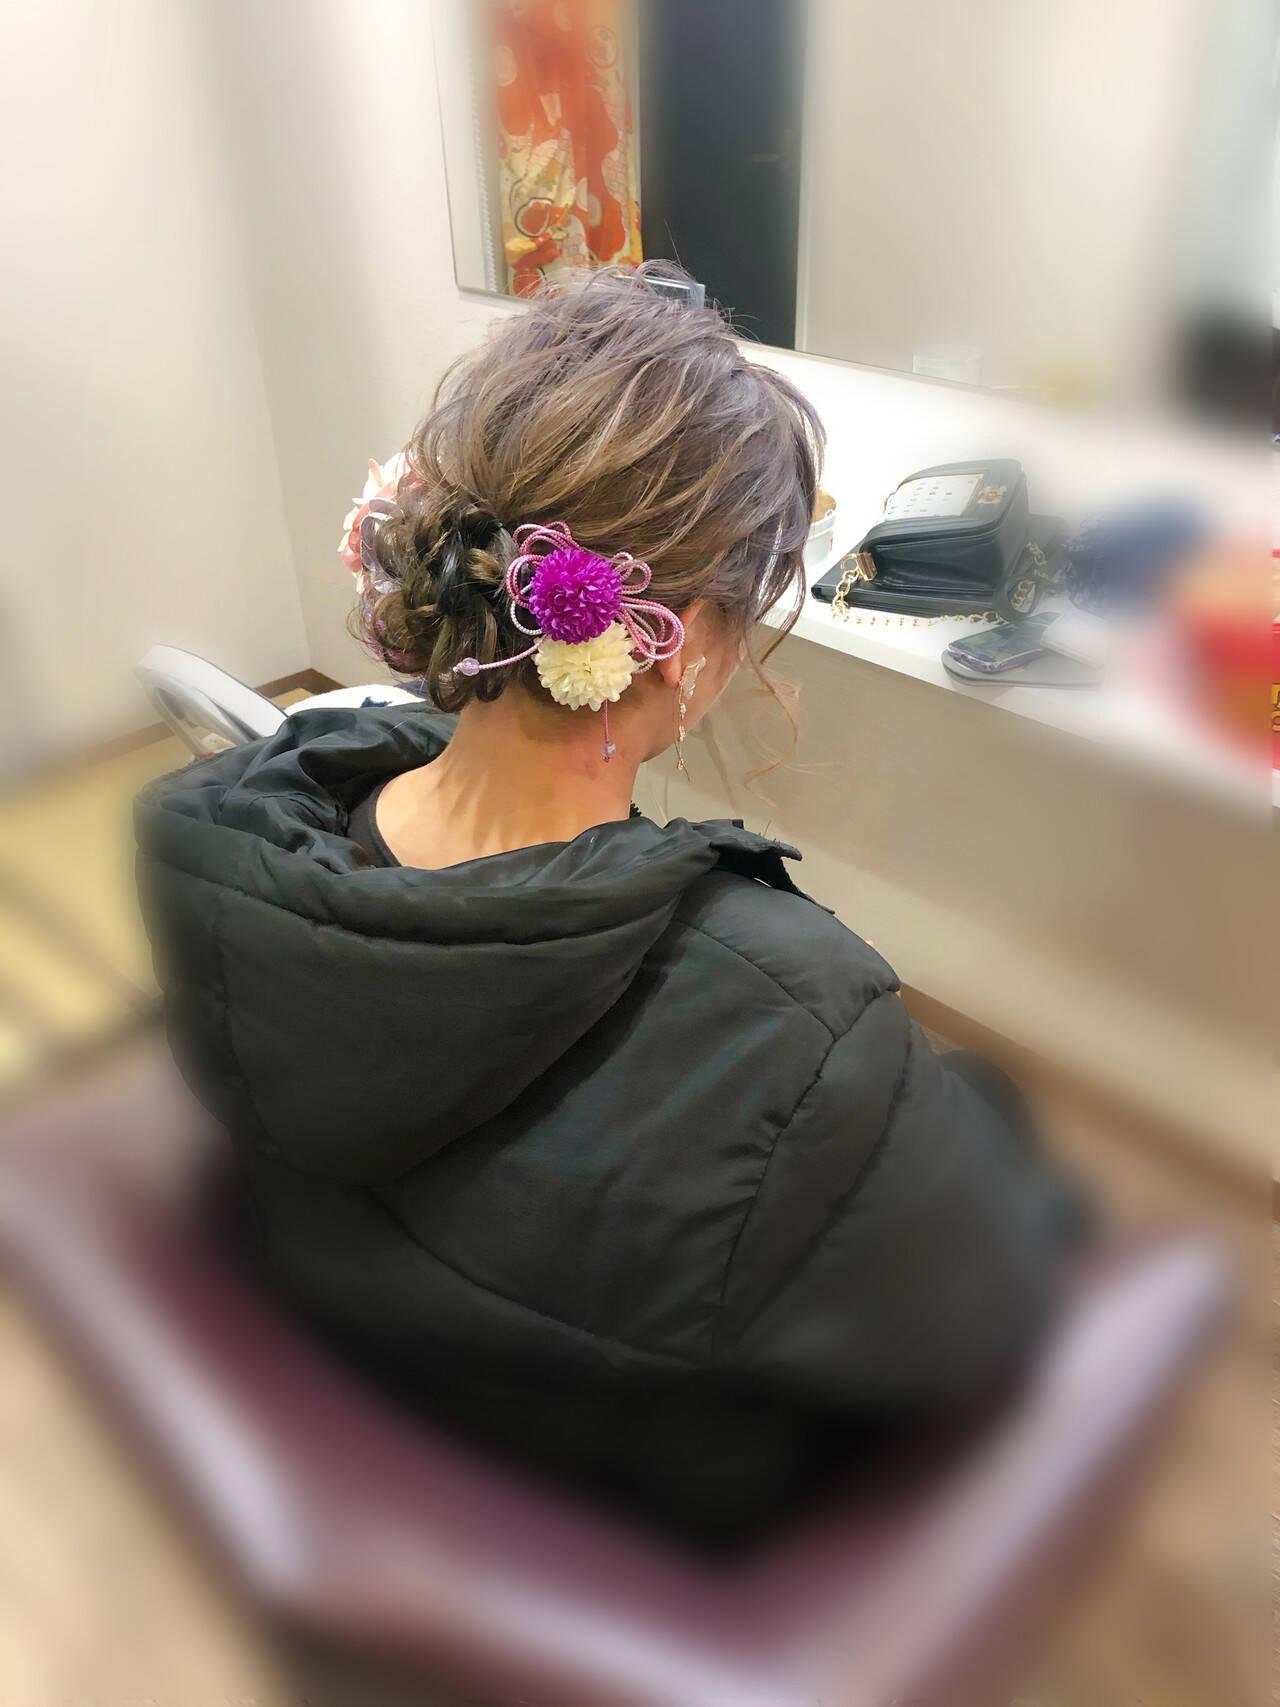 ミディアム ヘアセット アップ 成人式ヘアヘアスタイルや髪型の写真・画像